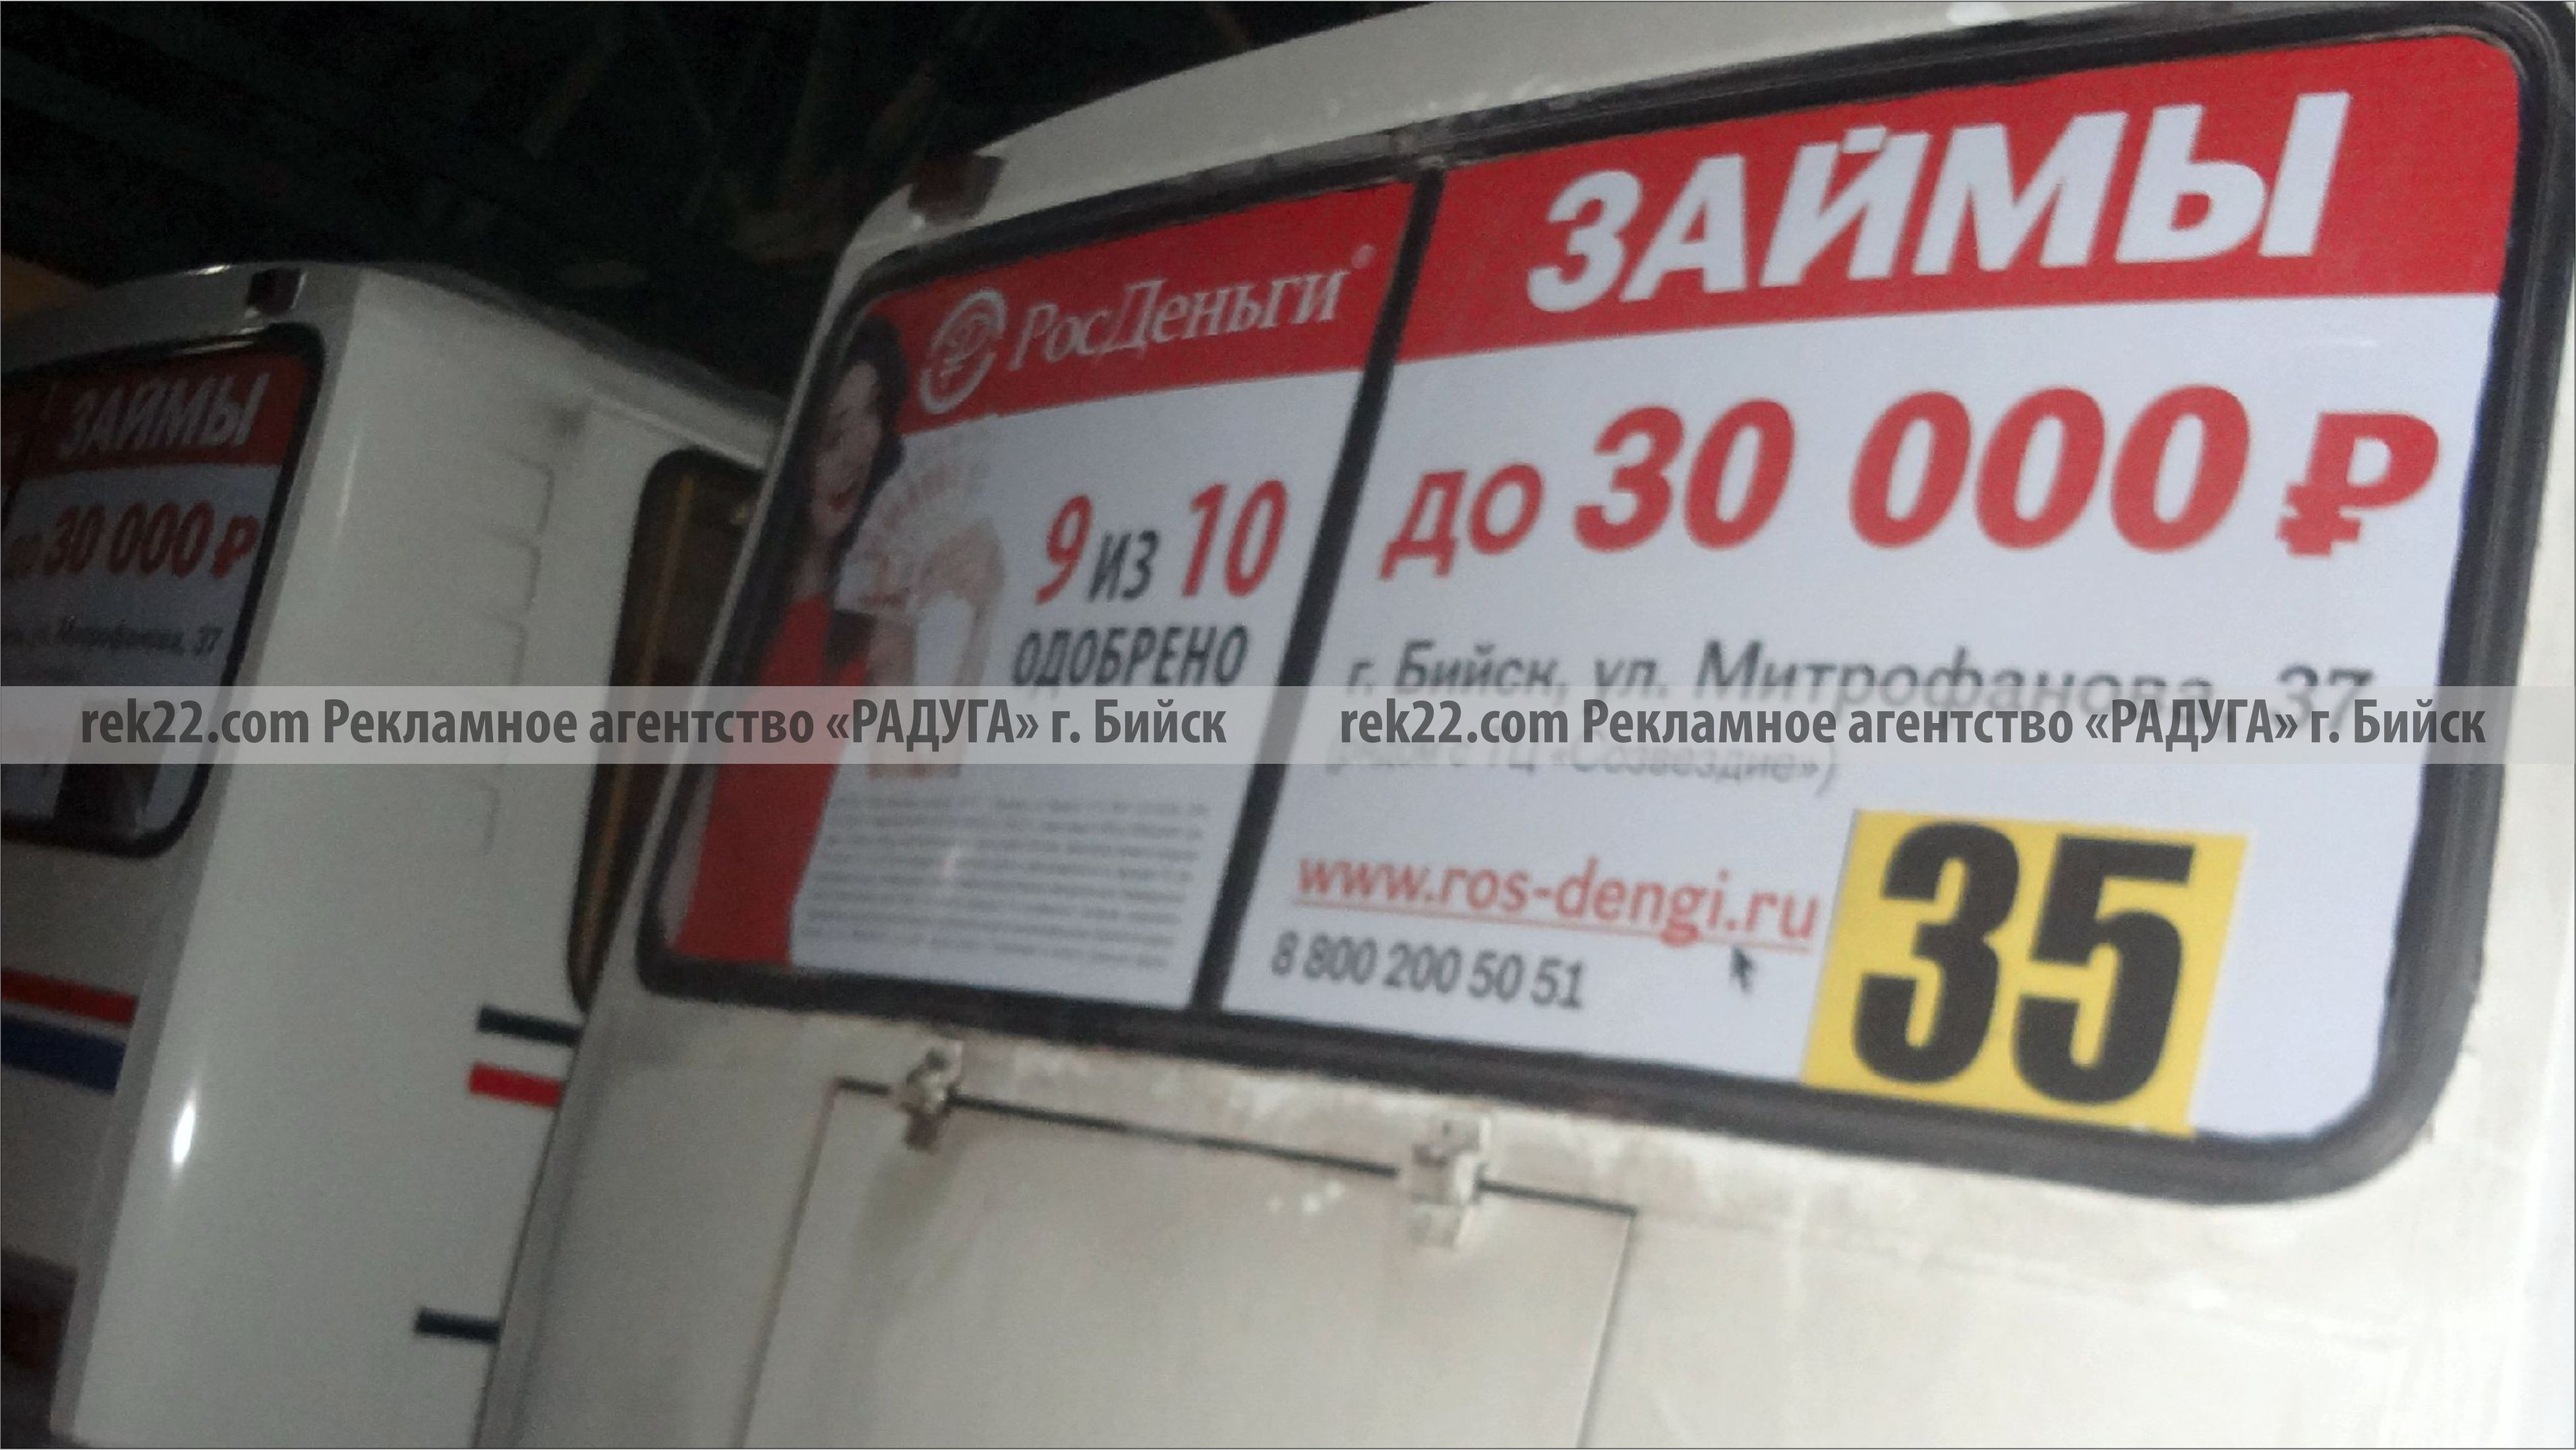 Реклама на транспорте Бийск - бортах, задних стеклах - 1